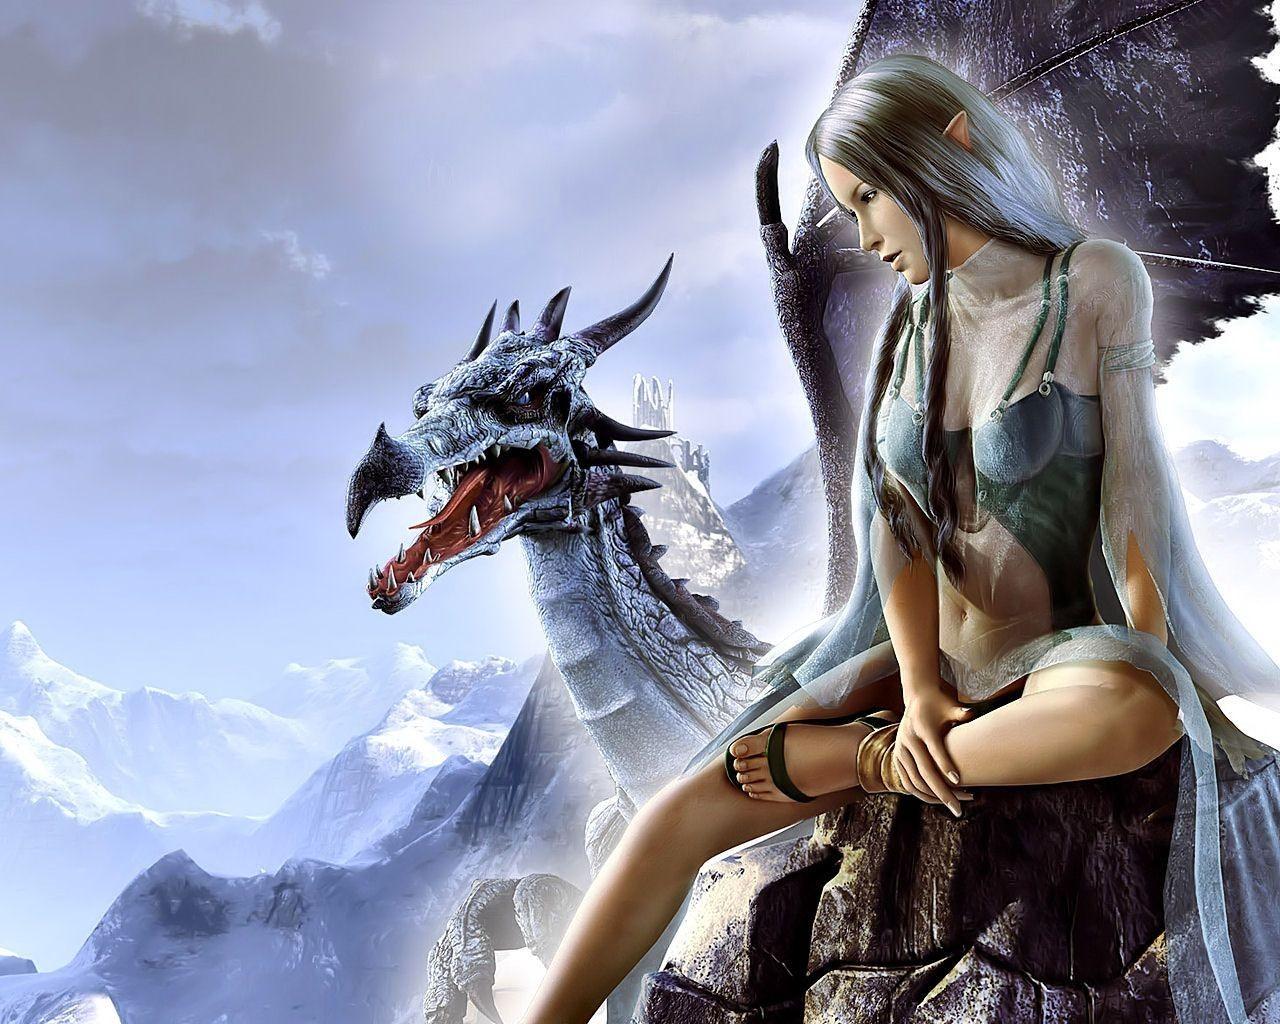 http://2.bp.blogspot.com/-OpCiR6gzcWc/Ti1agV29JgI/AAAAAAAAAYA/ngNmQdM_KOo/s1600/wallpaper%25252015.jpg